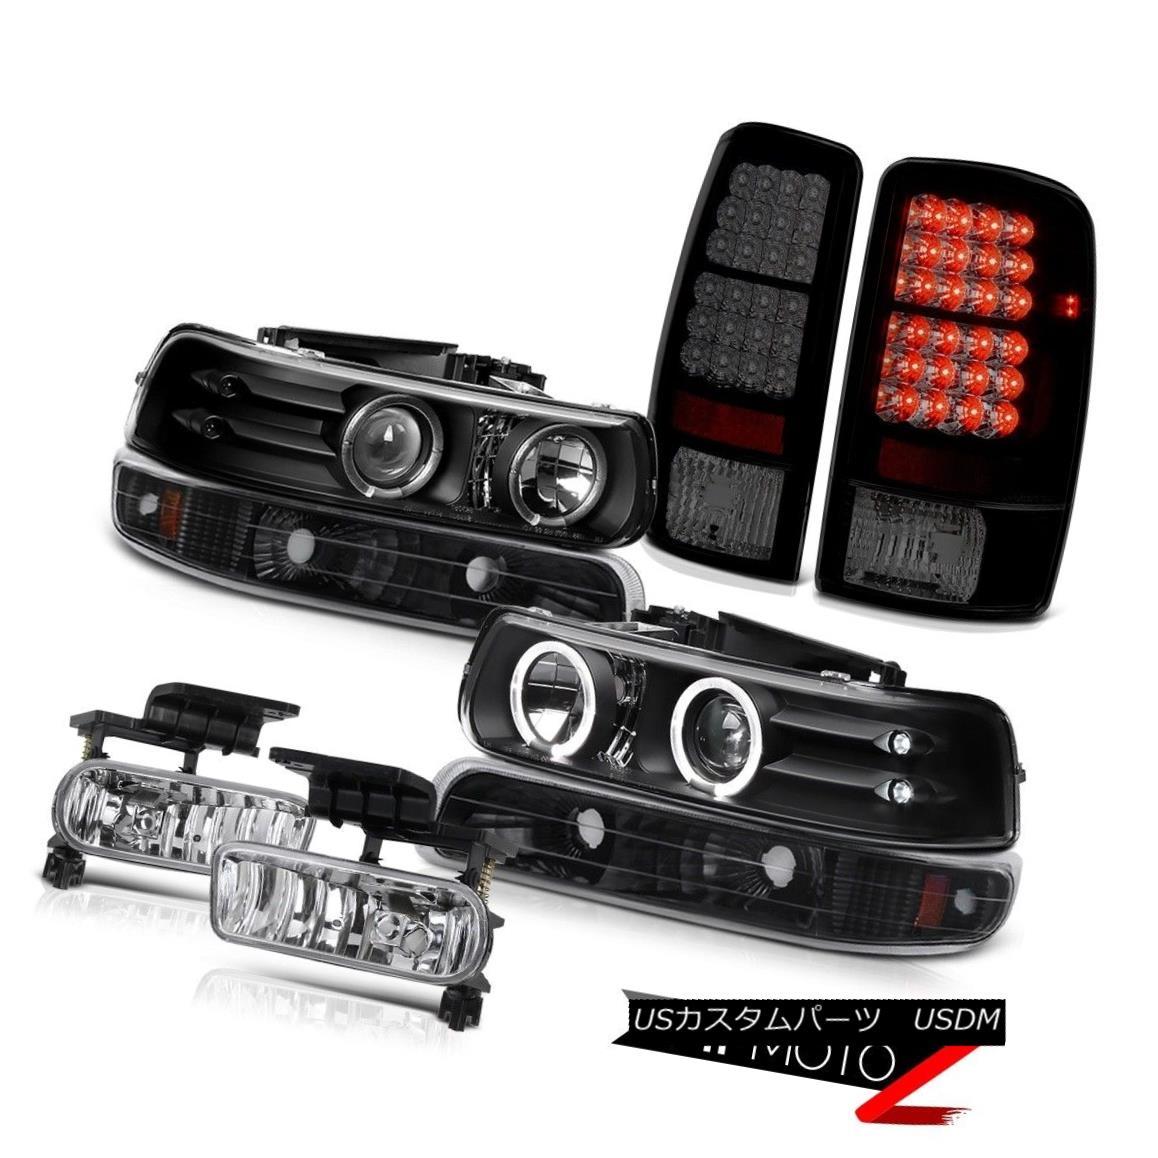 テールライト Halo Projector Headlamps Blk LED Tail Lights Lamps Fog 2000-2006 Suburban 8.1L HaloプロジェクターヘッドランプBlk LEDテールライトランプFog 2000-2006郊外8.1L